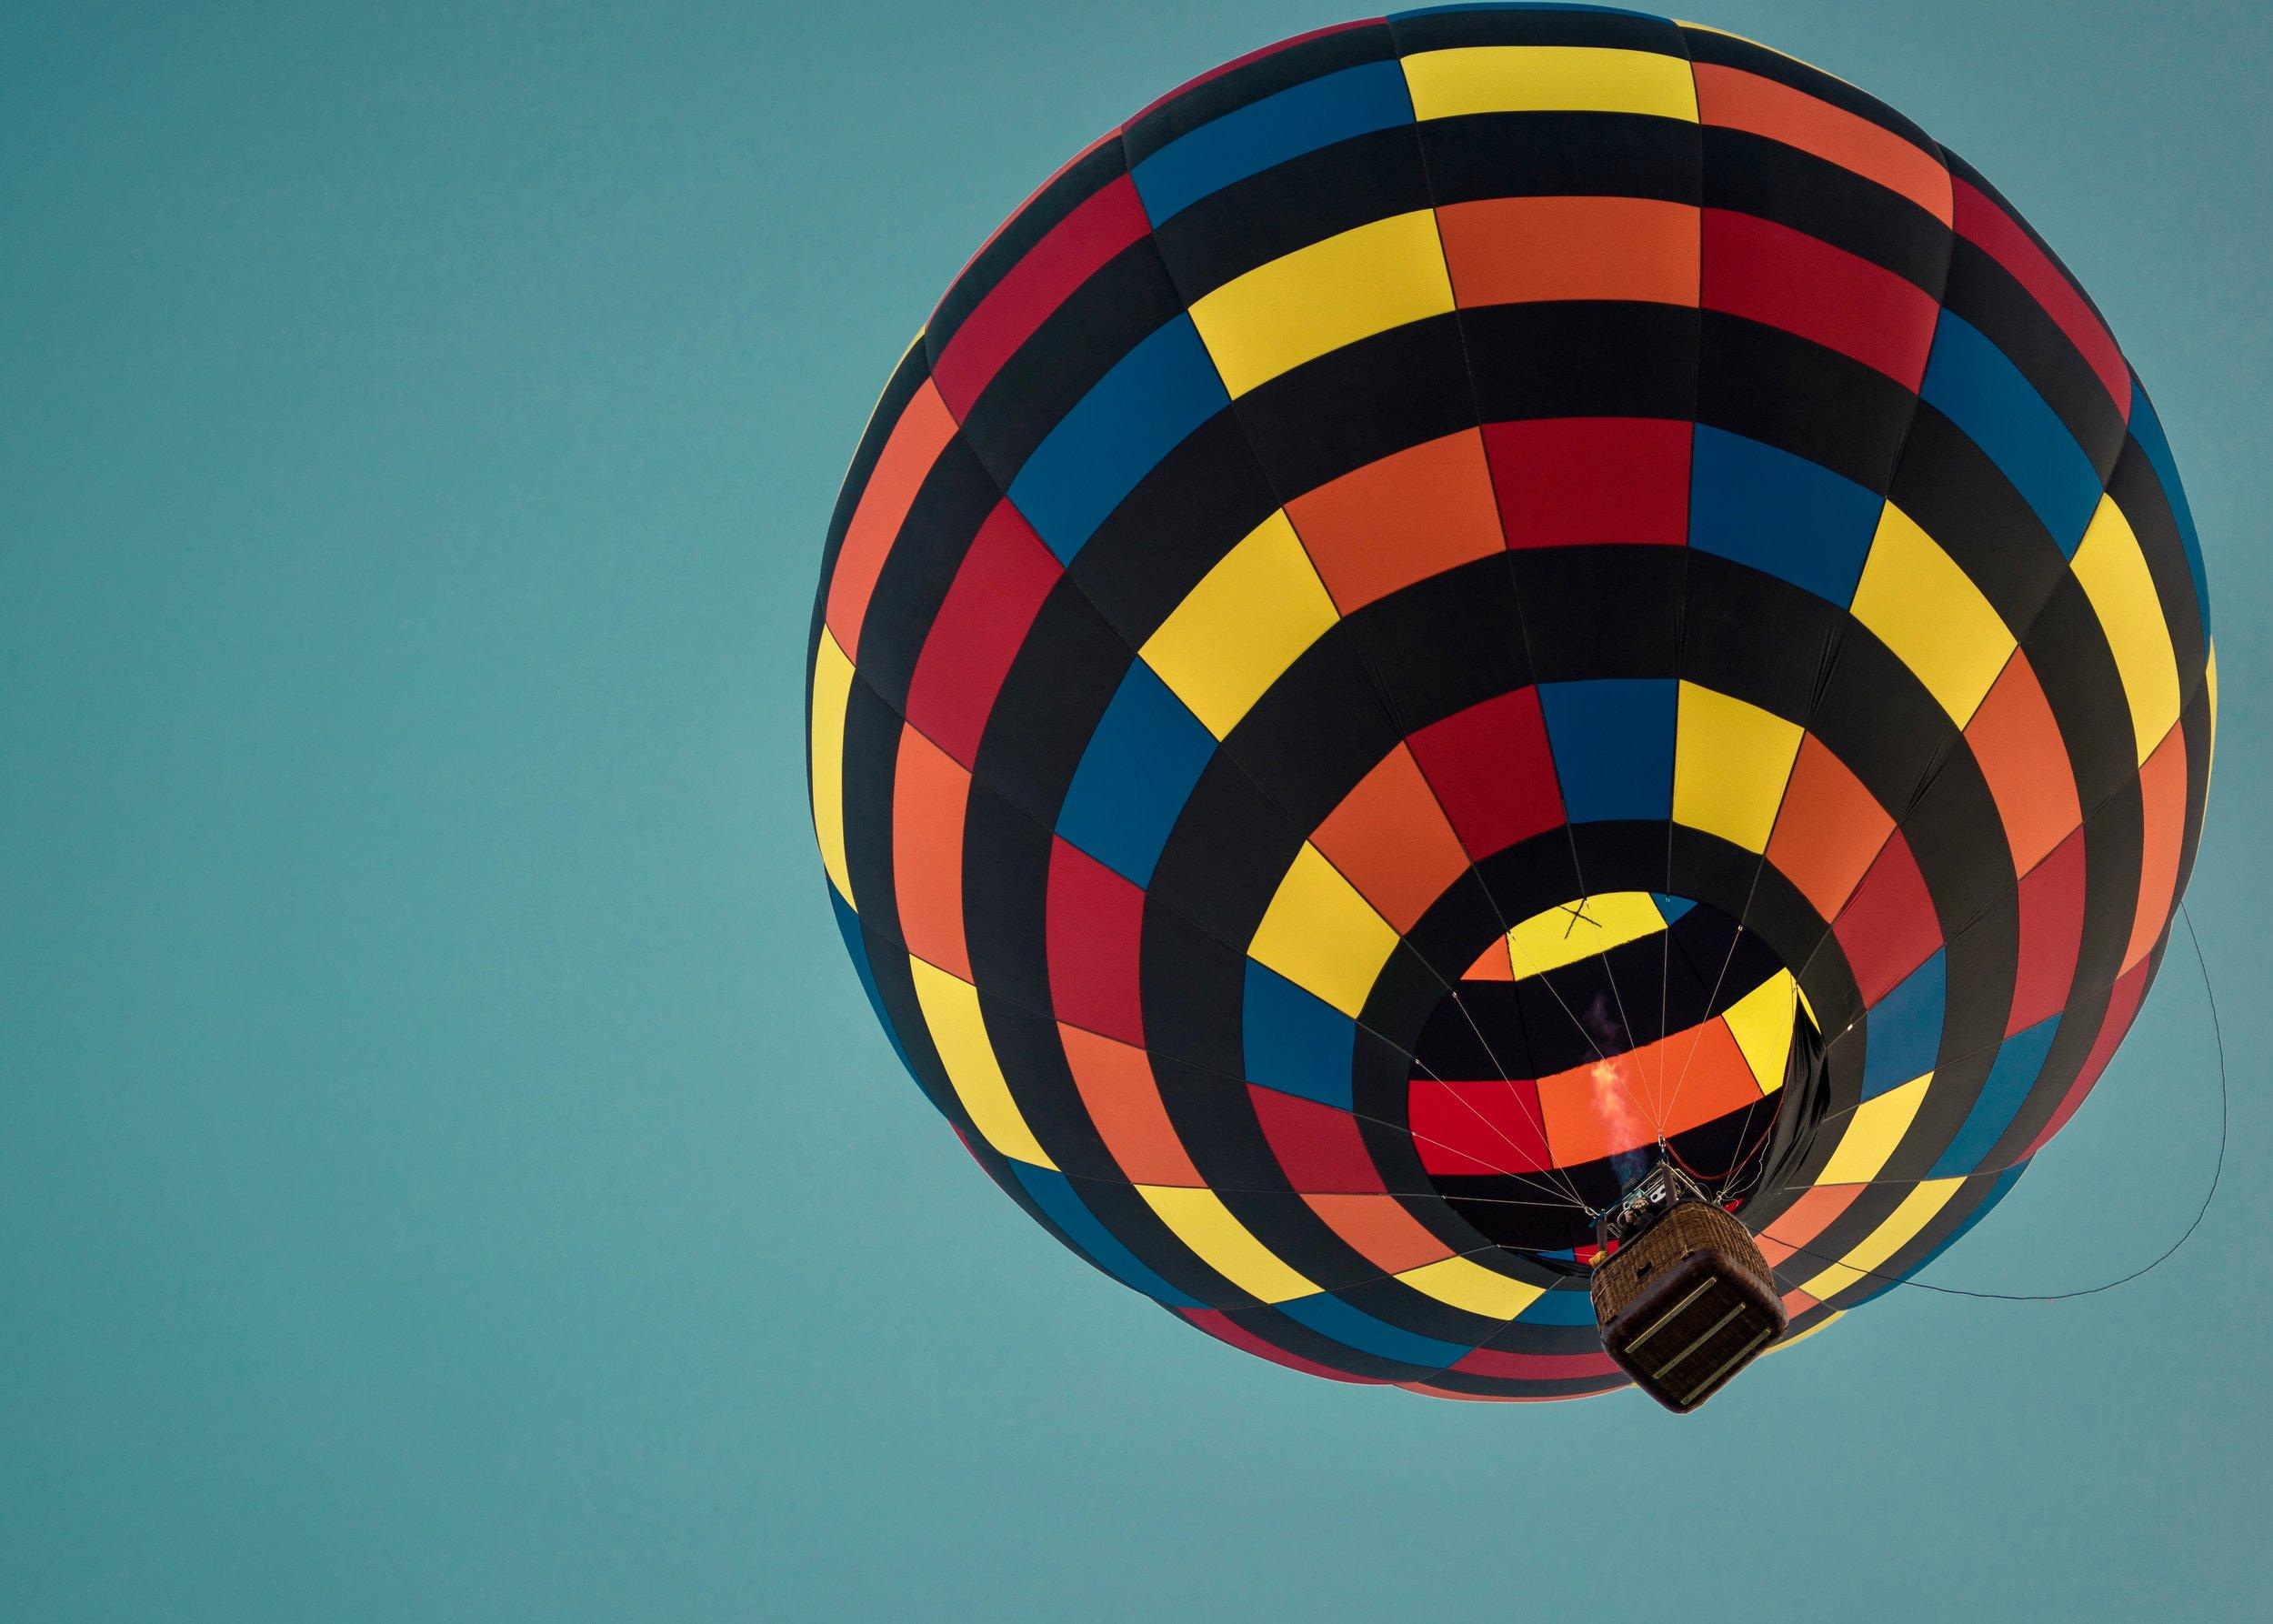 Balloon Fiesta 2017 (3 of 7).jpeg